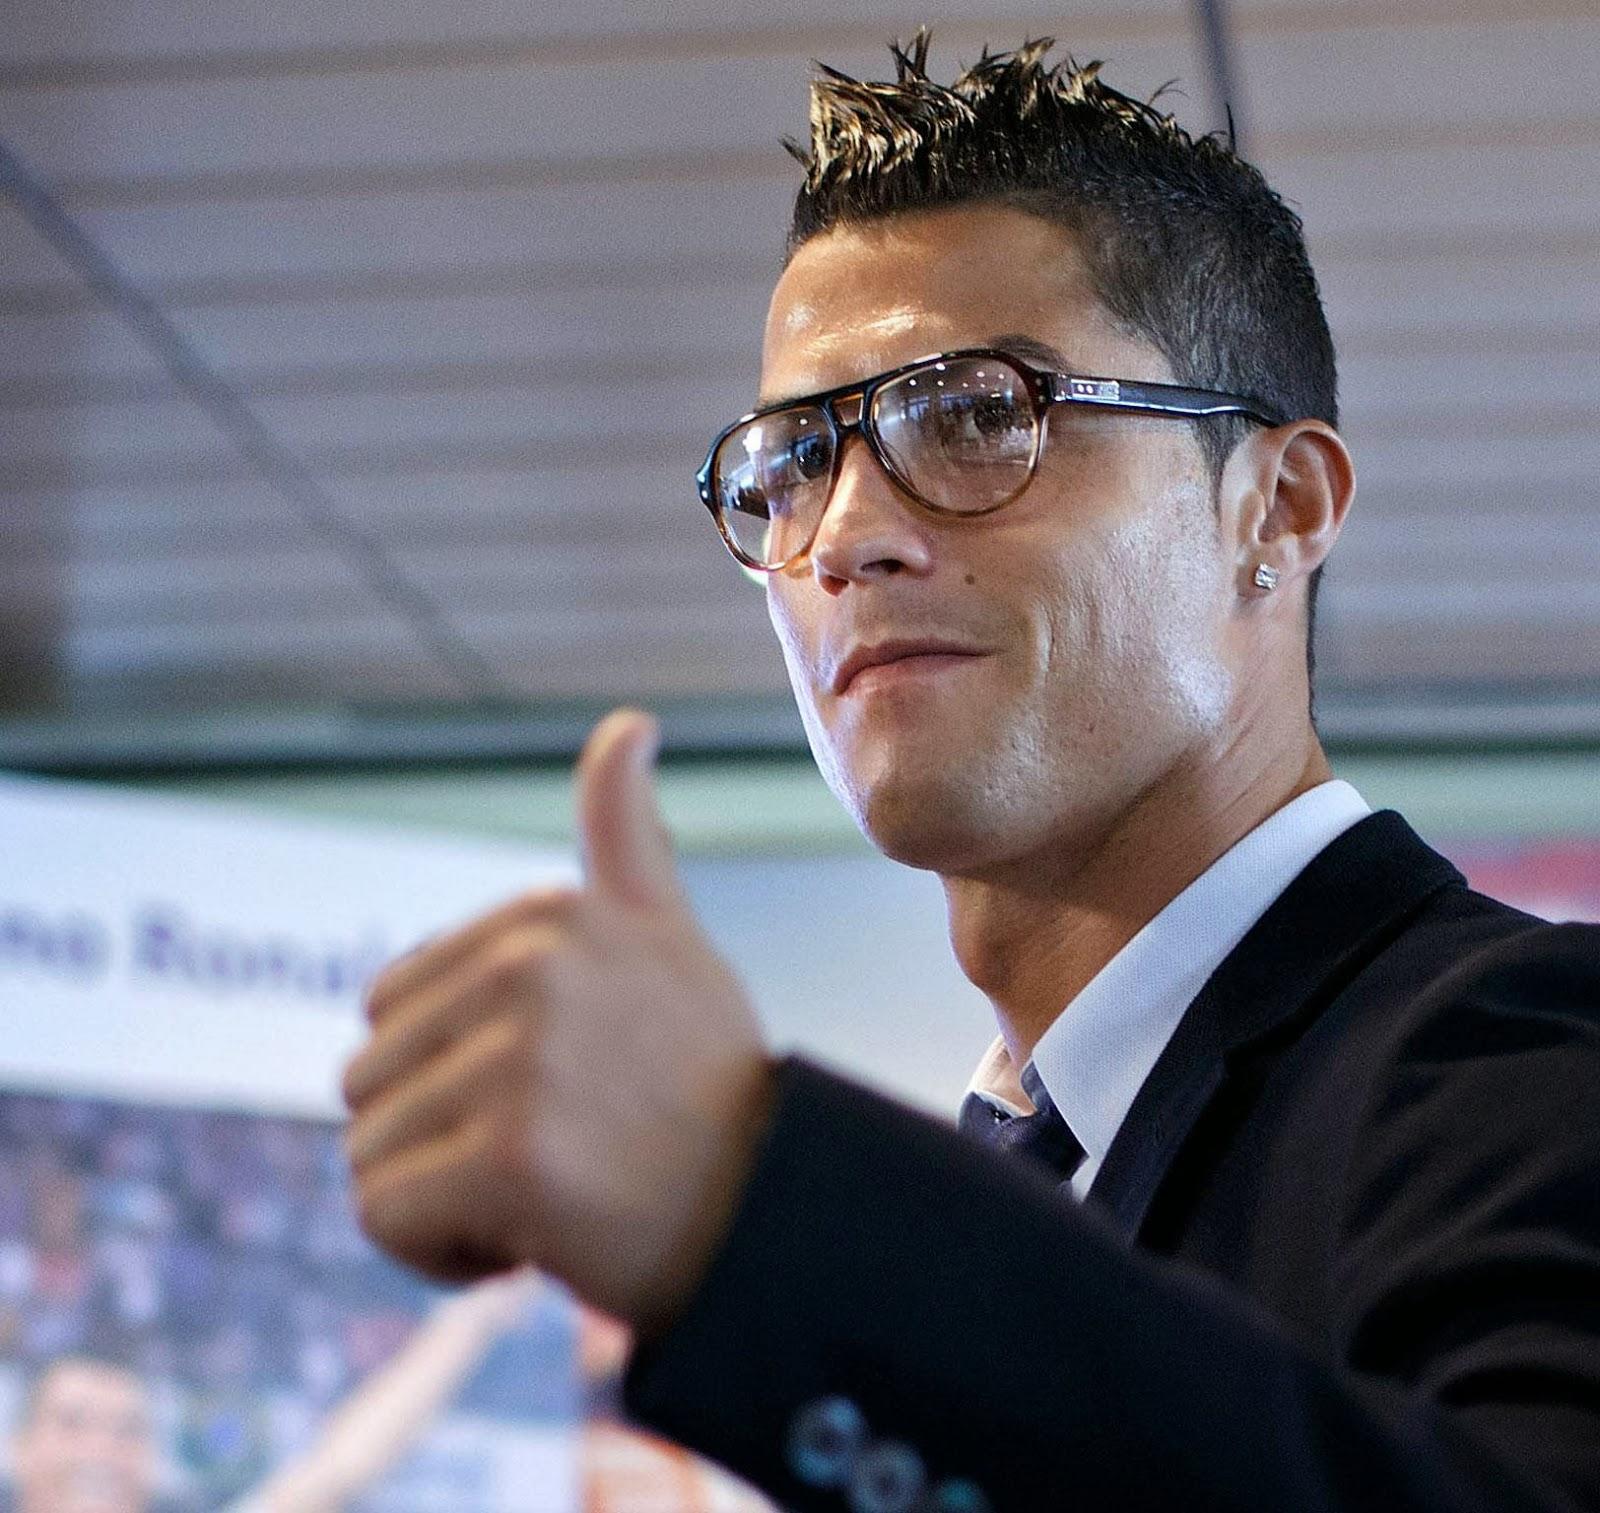 Cristiano Ronaldo: Los 10 futbolistas más guapos y sexys